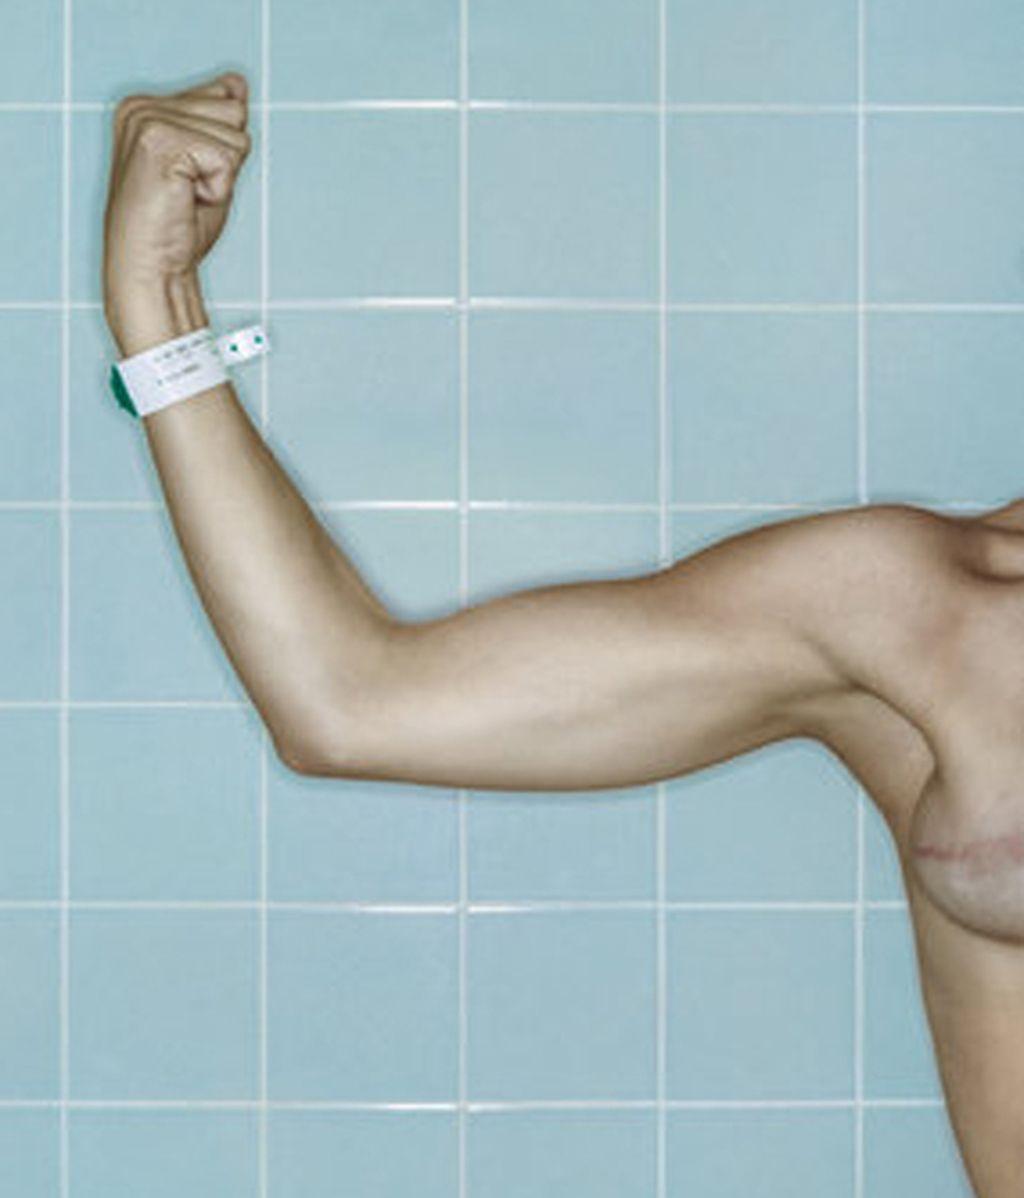 La fotógrafa Kerry Mansfield documenta su cáncer